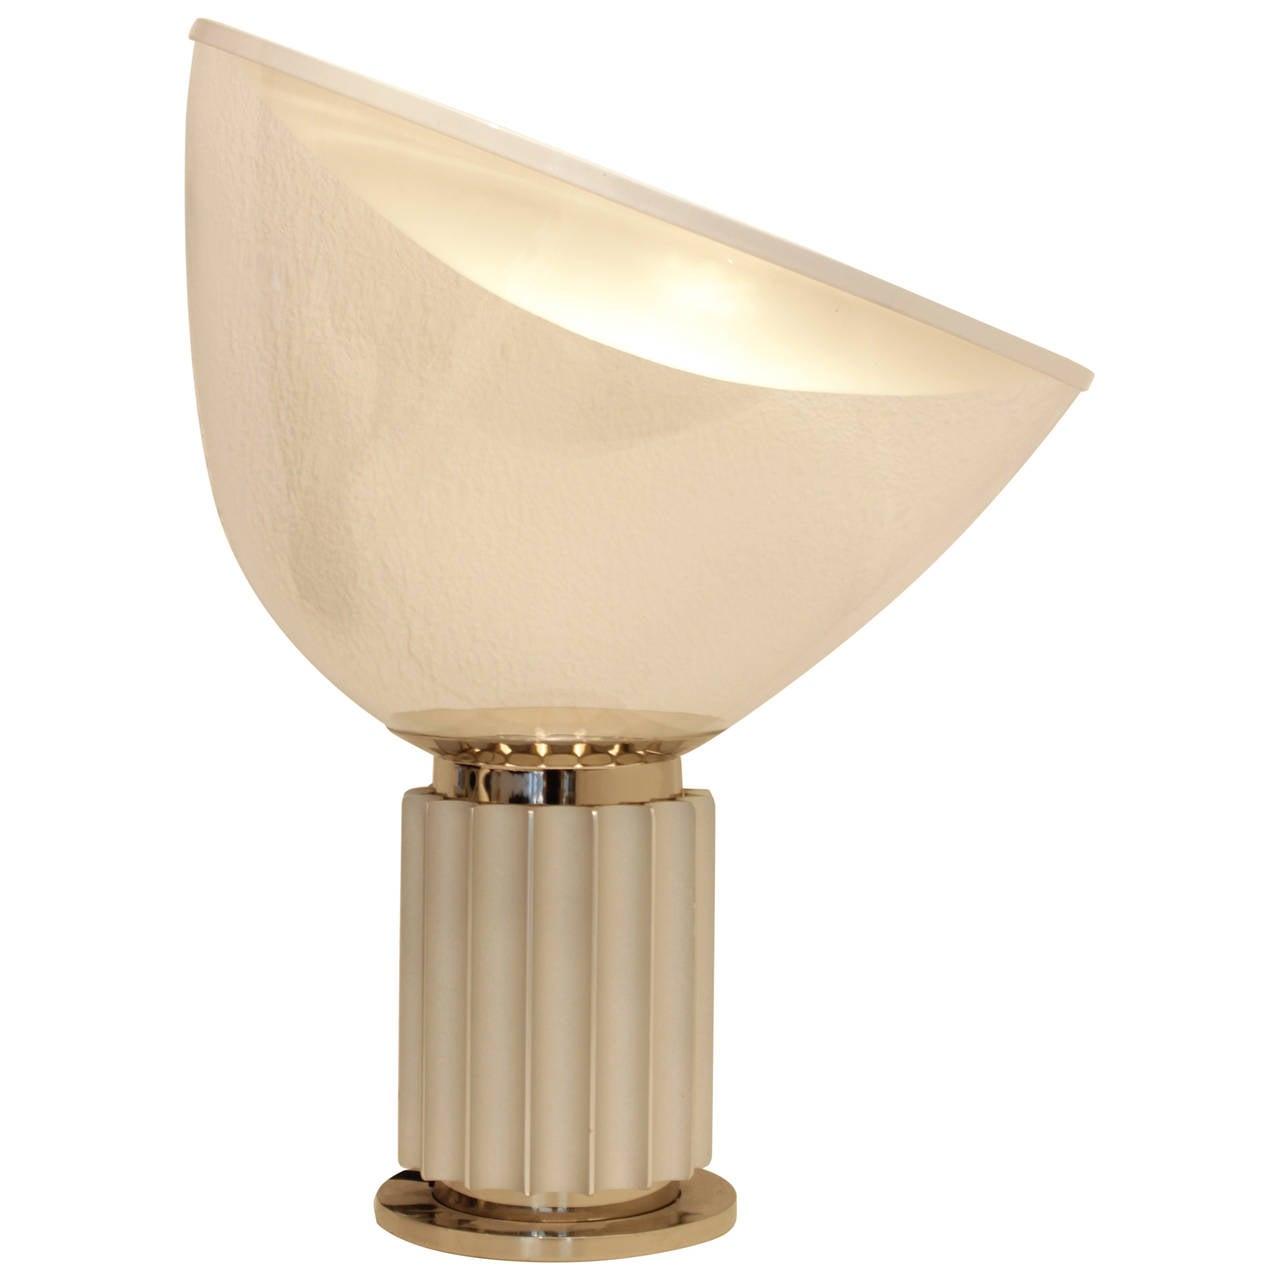 Taccia table lamp by castiglioni at 1stdibs for Castiglioni light